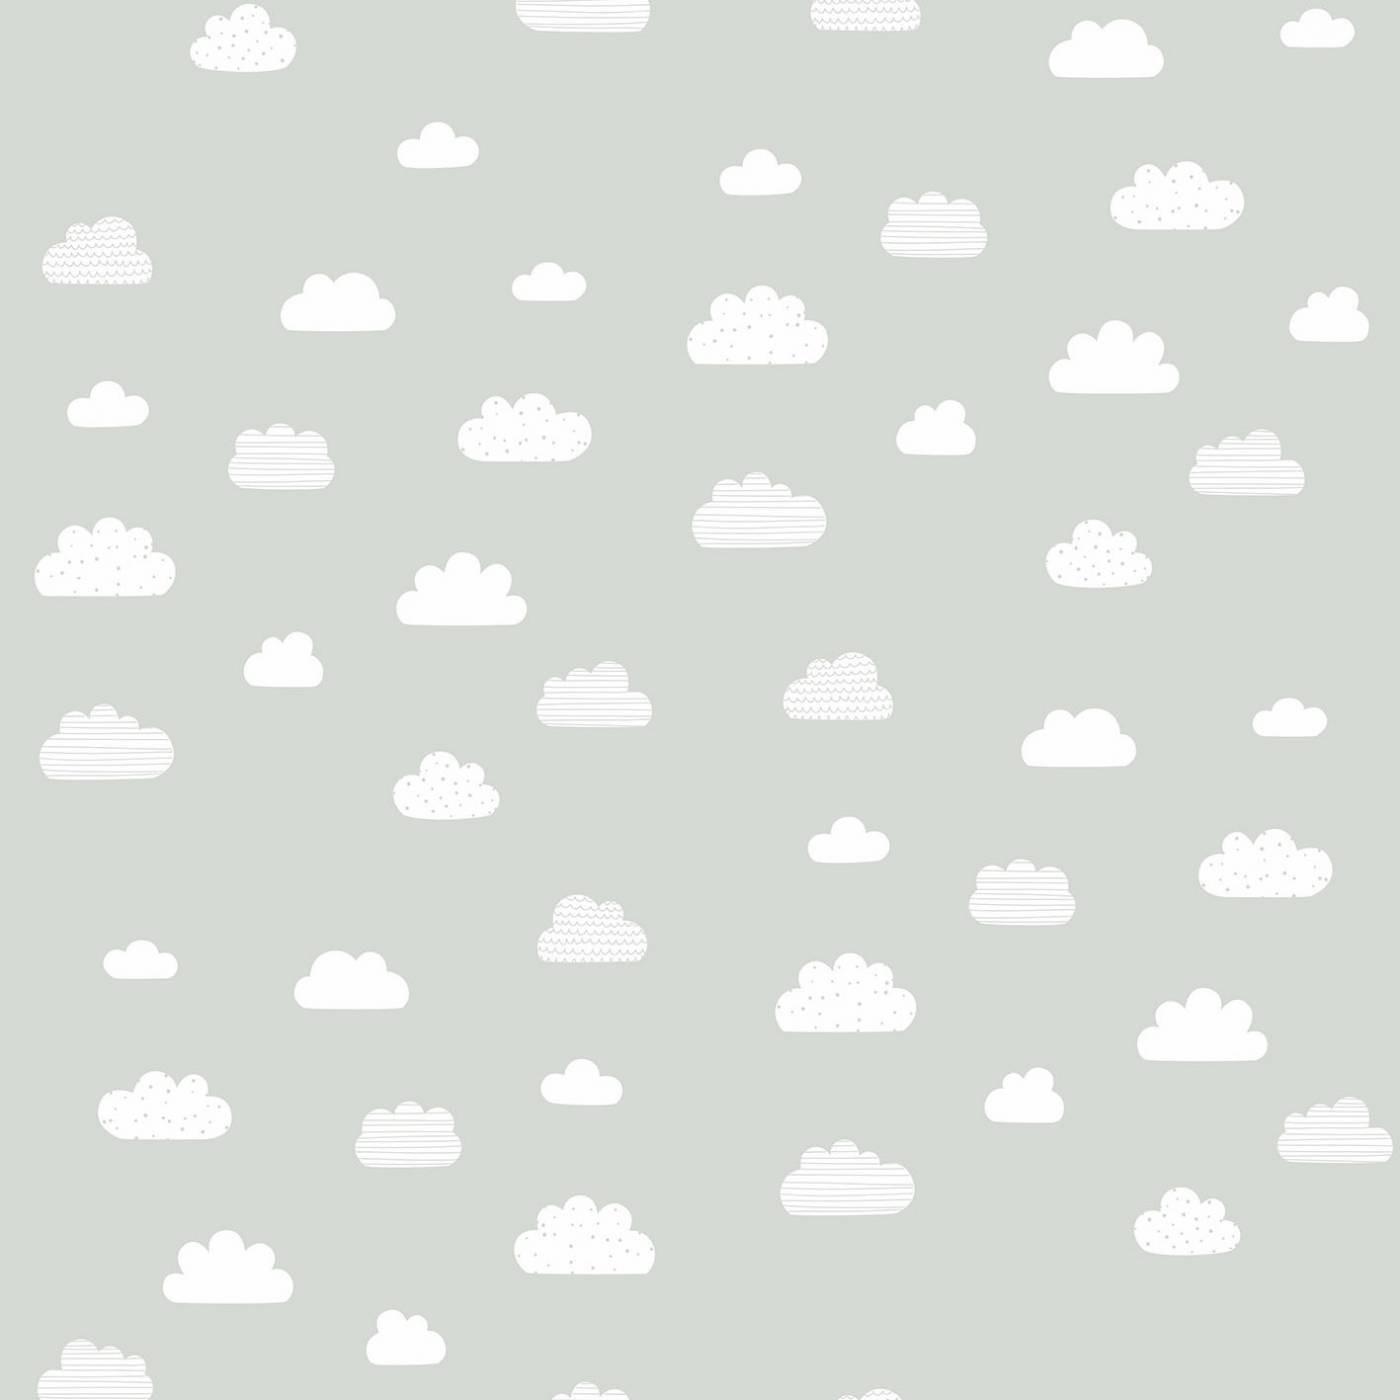 Papel de Parede Nuvens Brancas Fundo Cinza